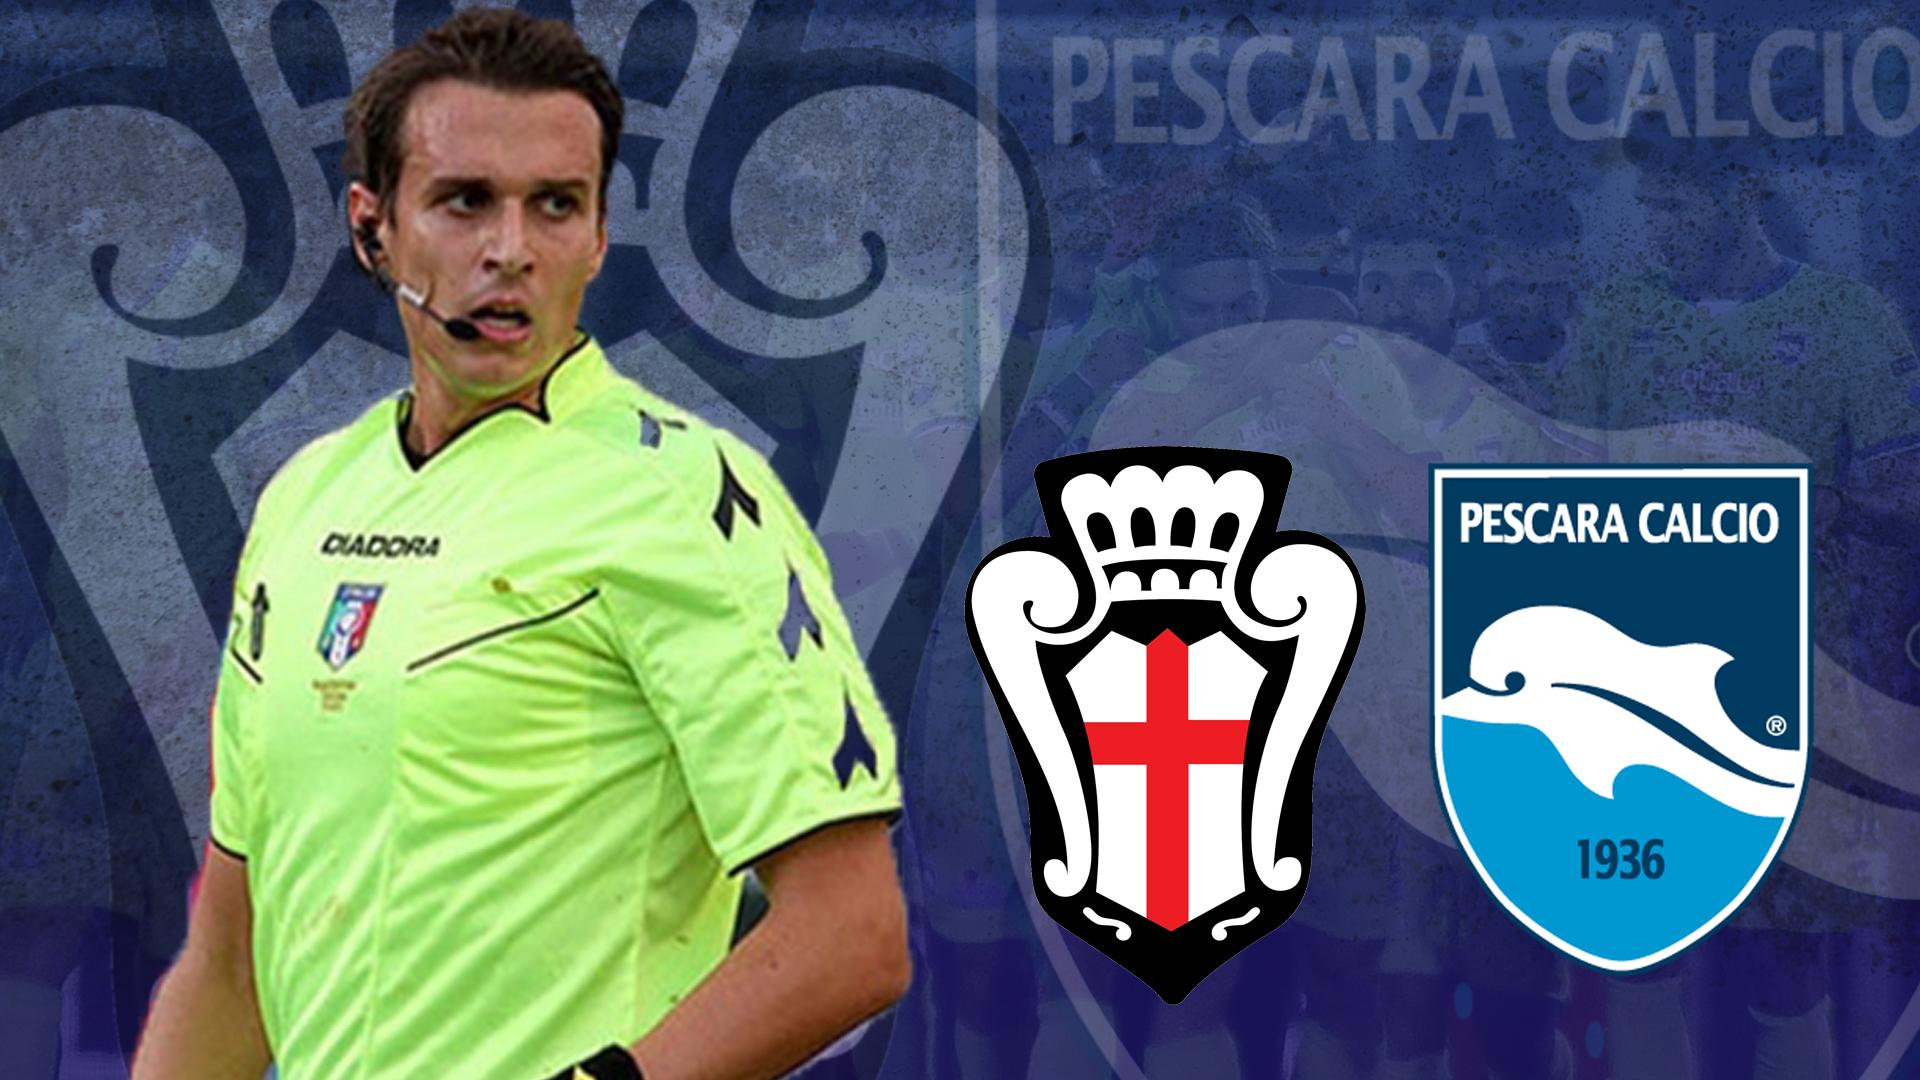 A Riccardo Ros #ProVercelliPescara #PROPES @Lega_B  PESCARA Calcio 1936